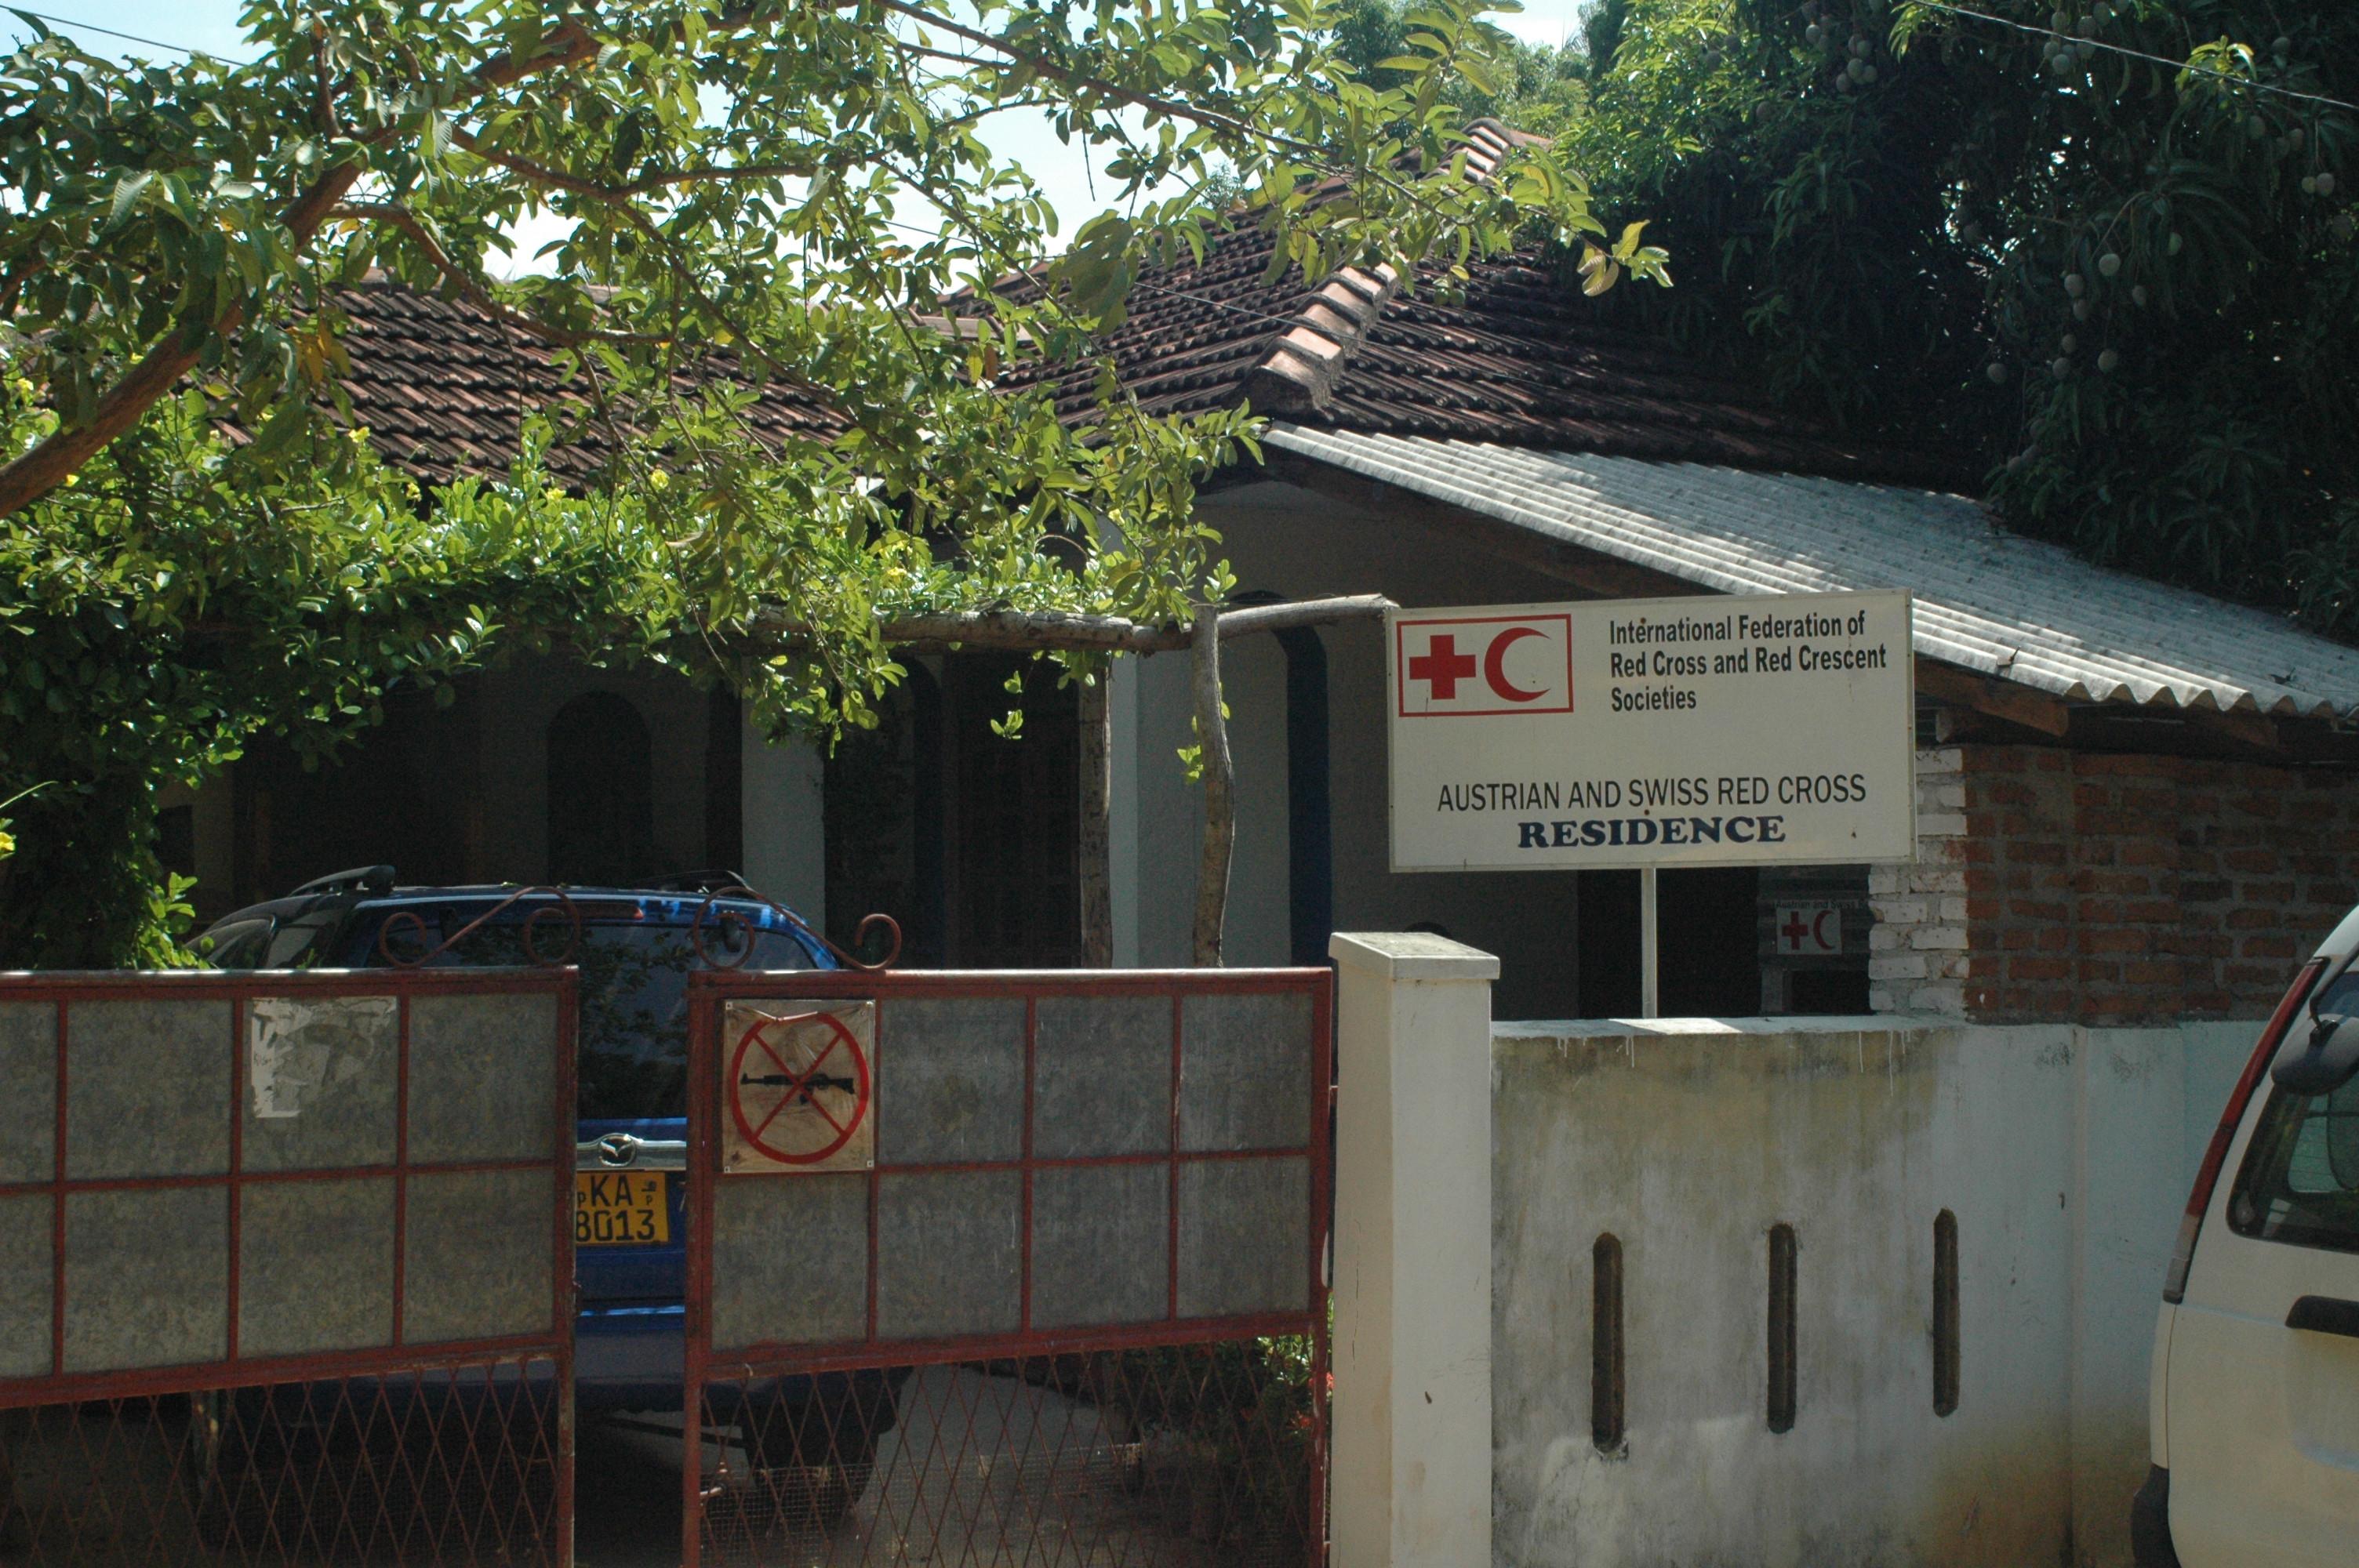 SRK Hauptquartier